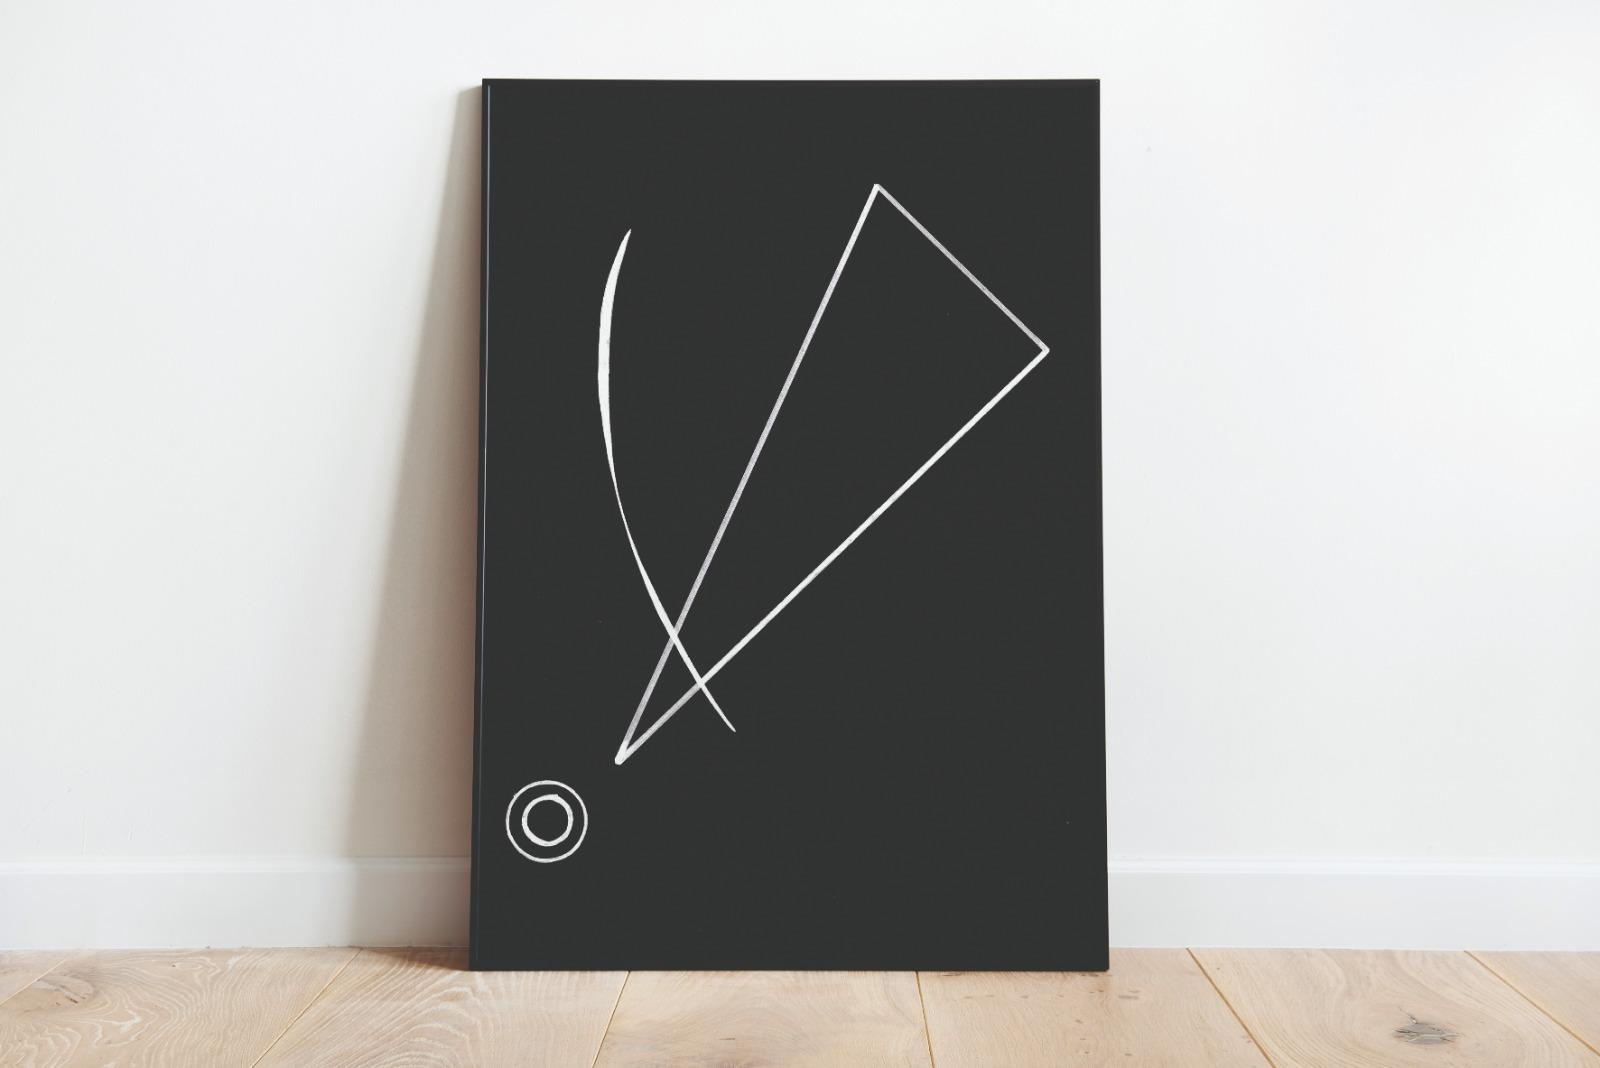 Galerías online en Arte Low Cost